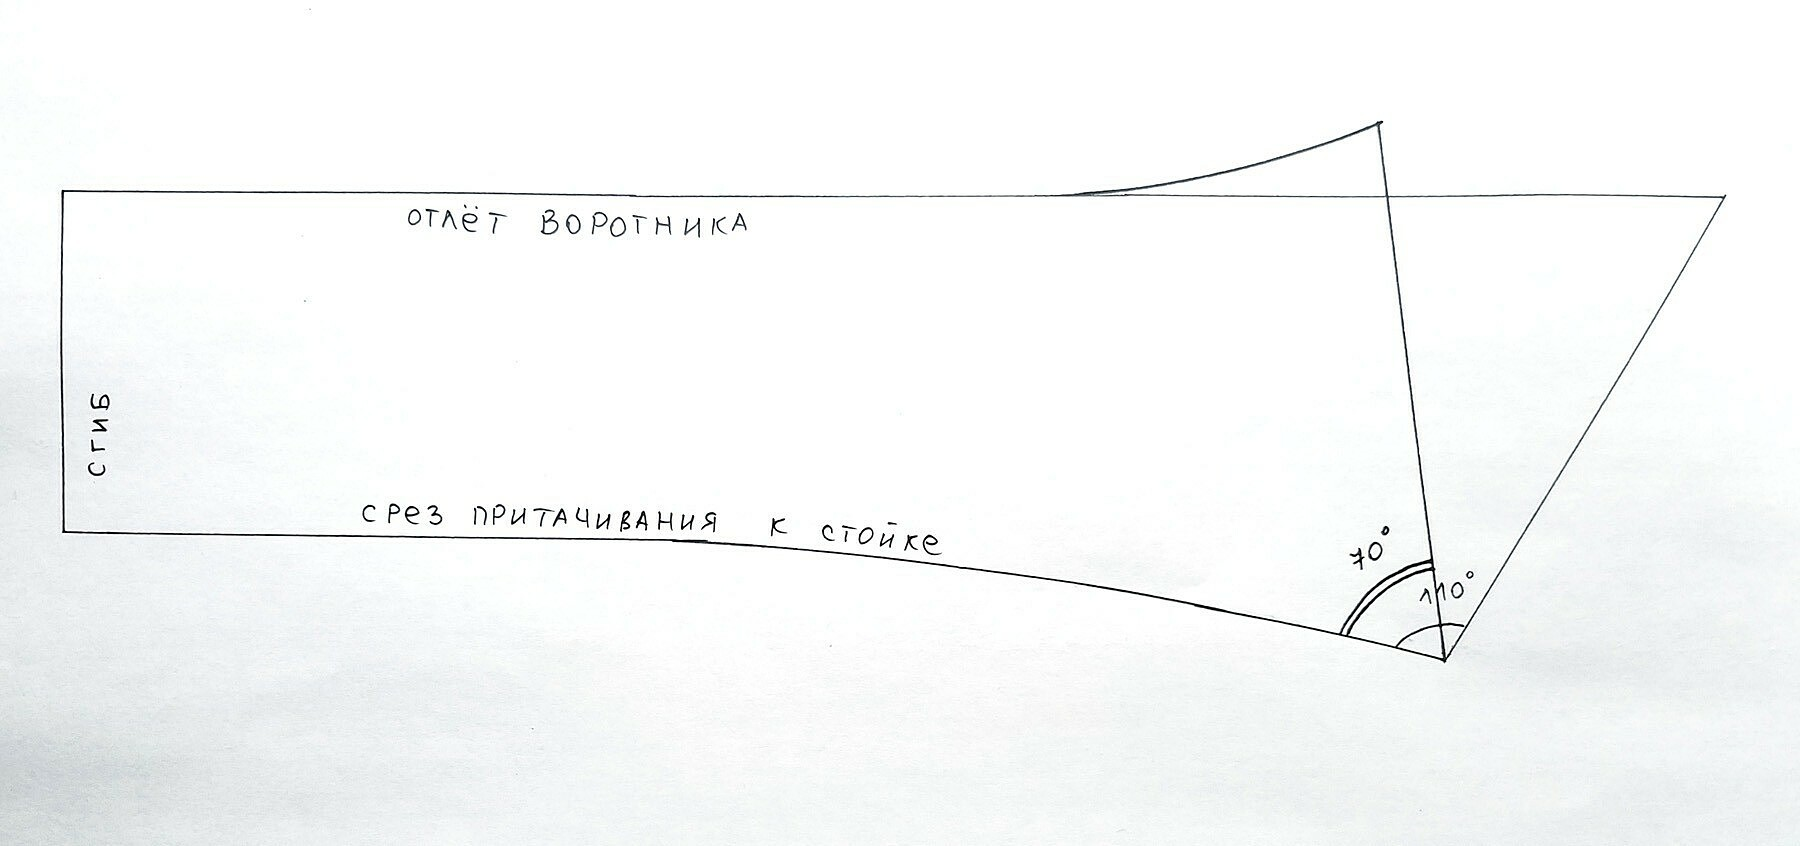 Обработка воротника мужской рубашки: выбор формы иподготовка выкройки